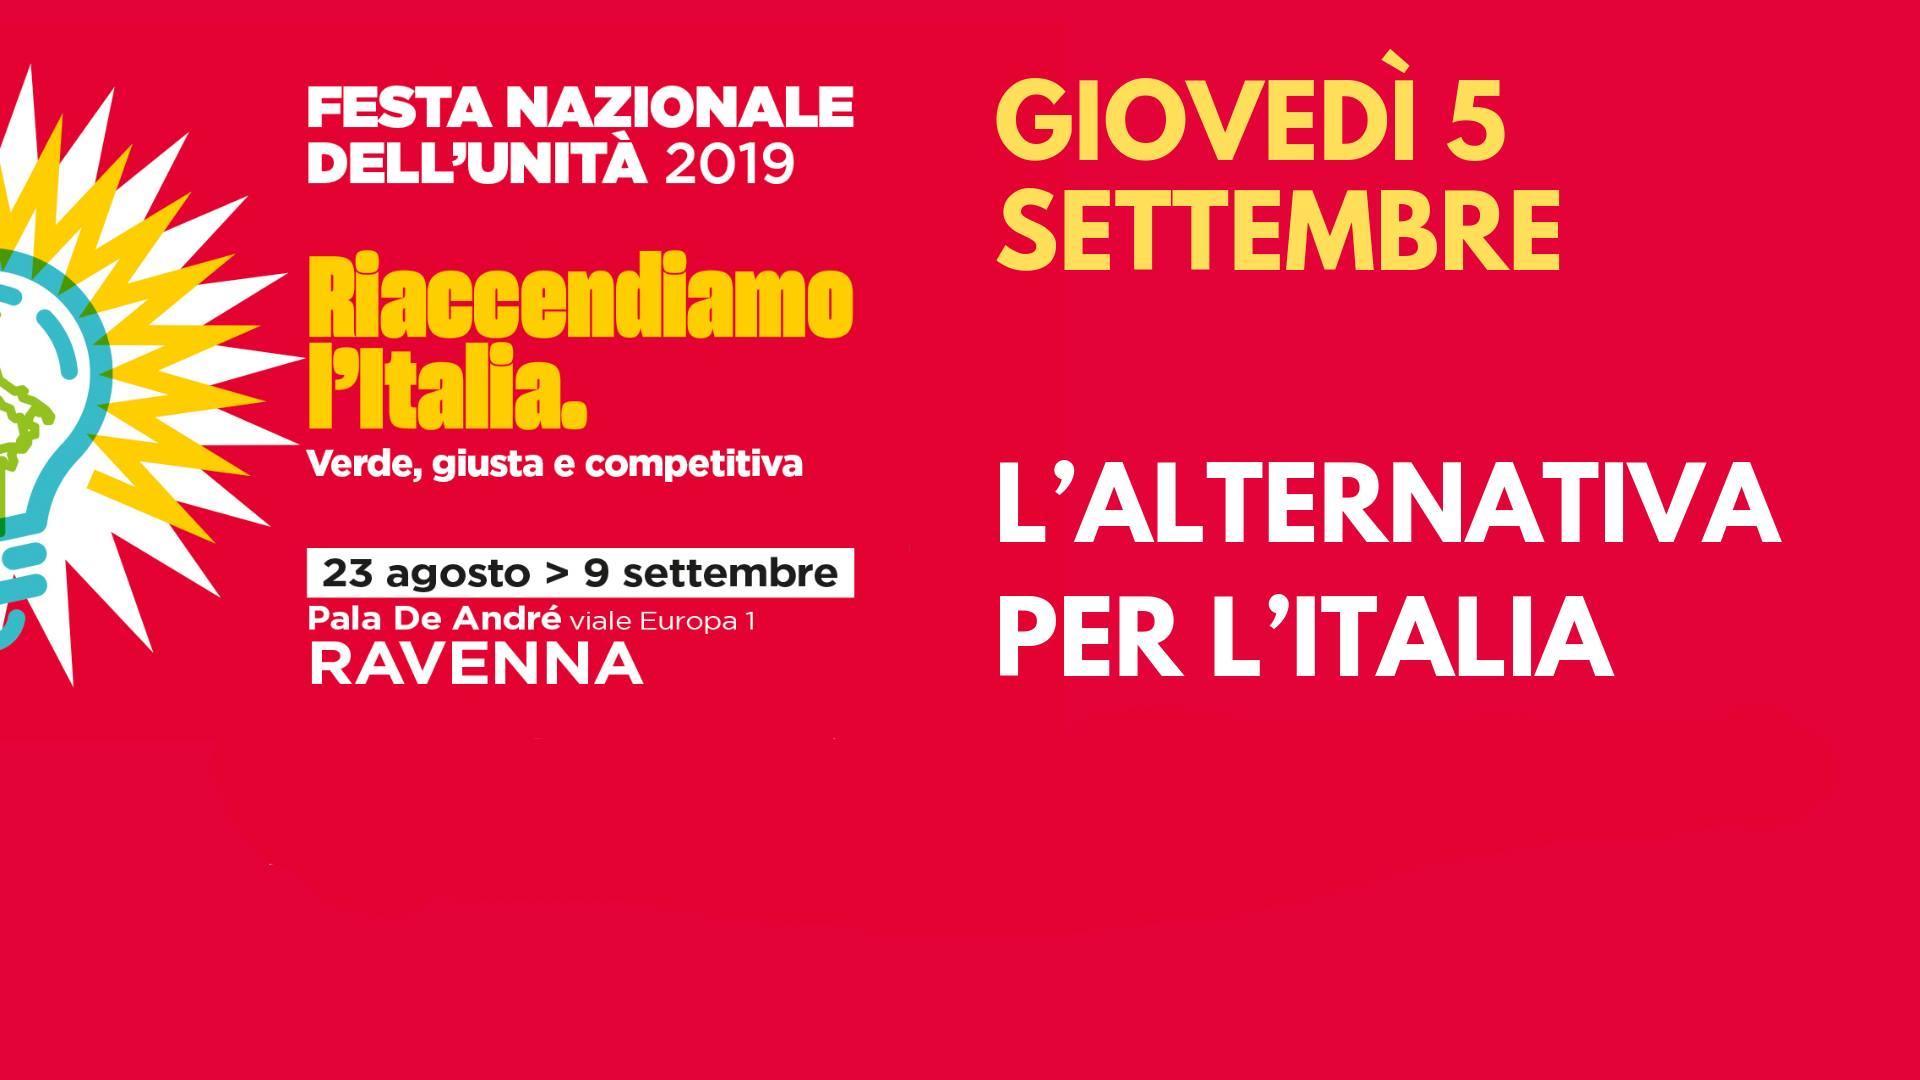 L'alternativa per l'Italia